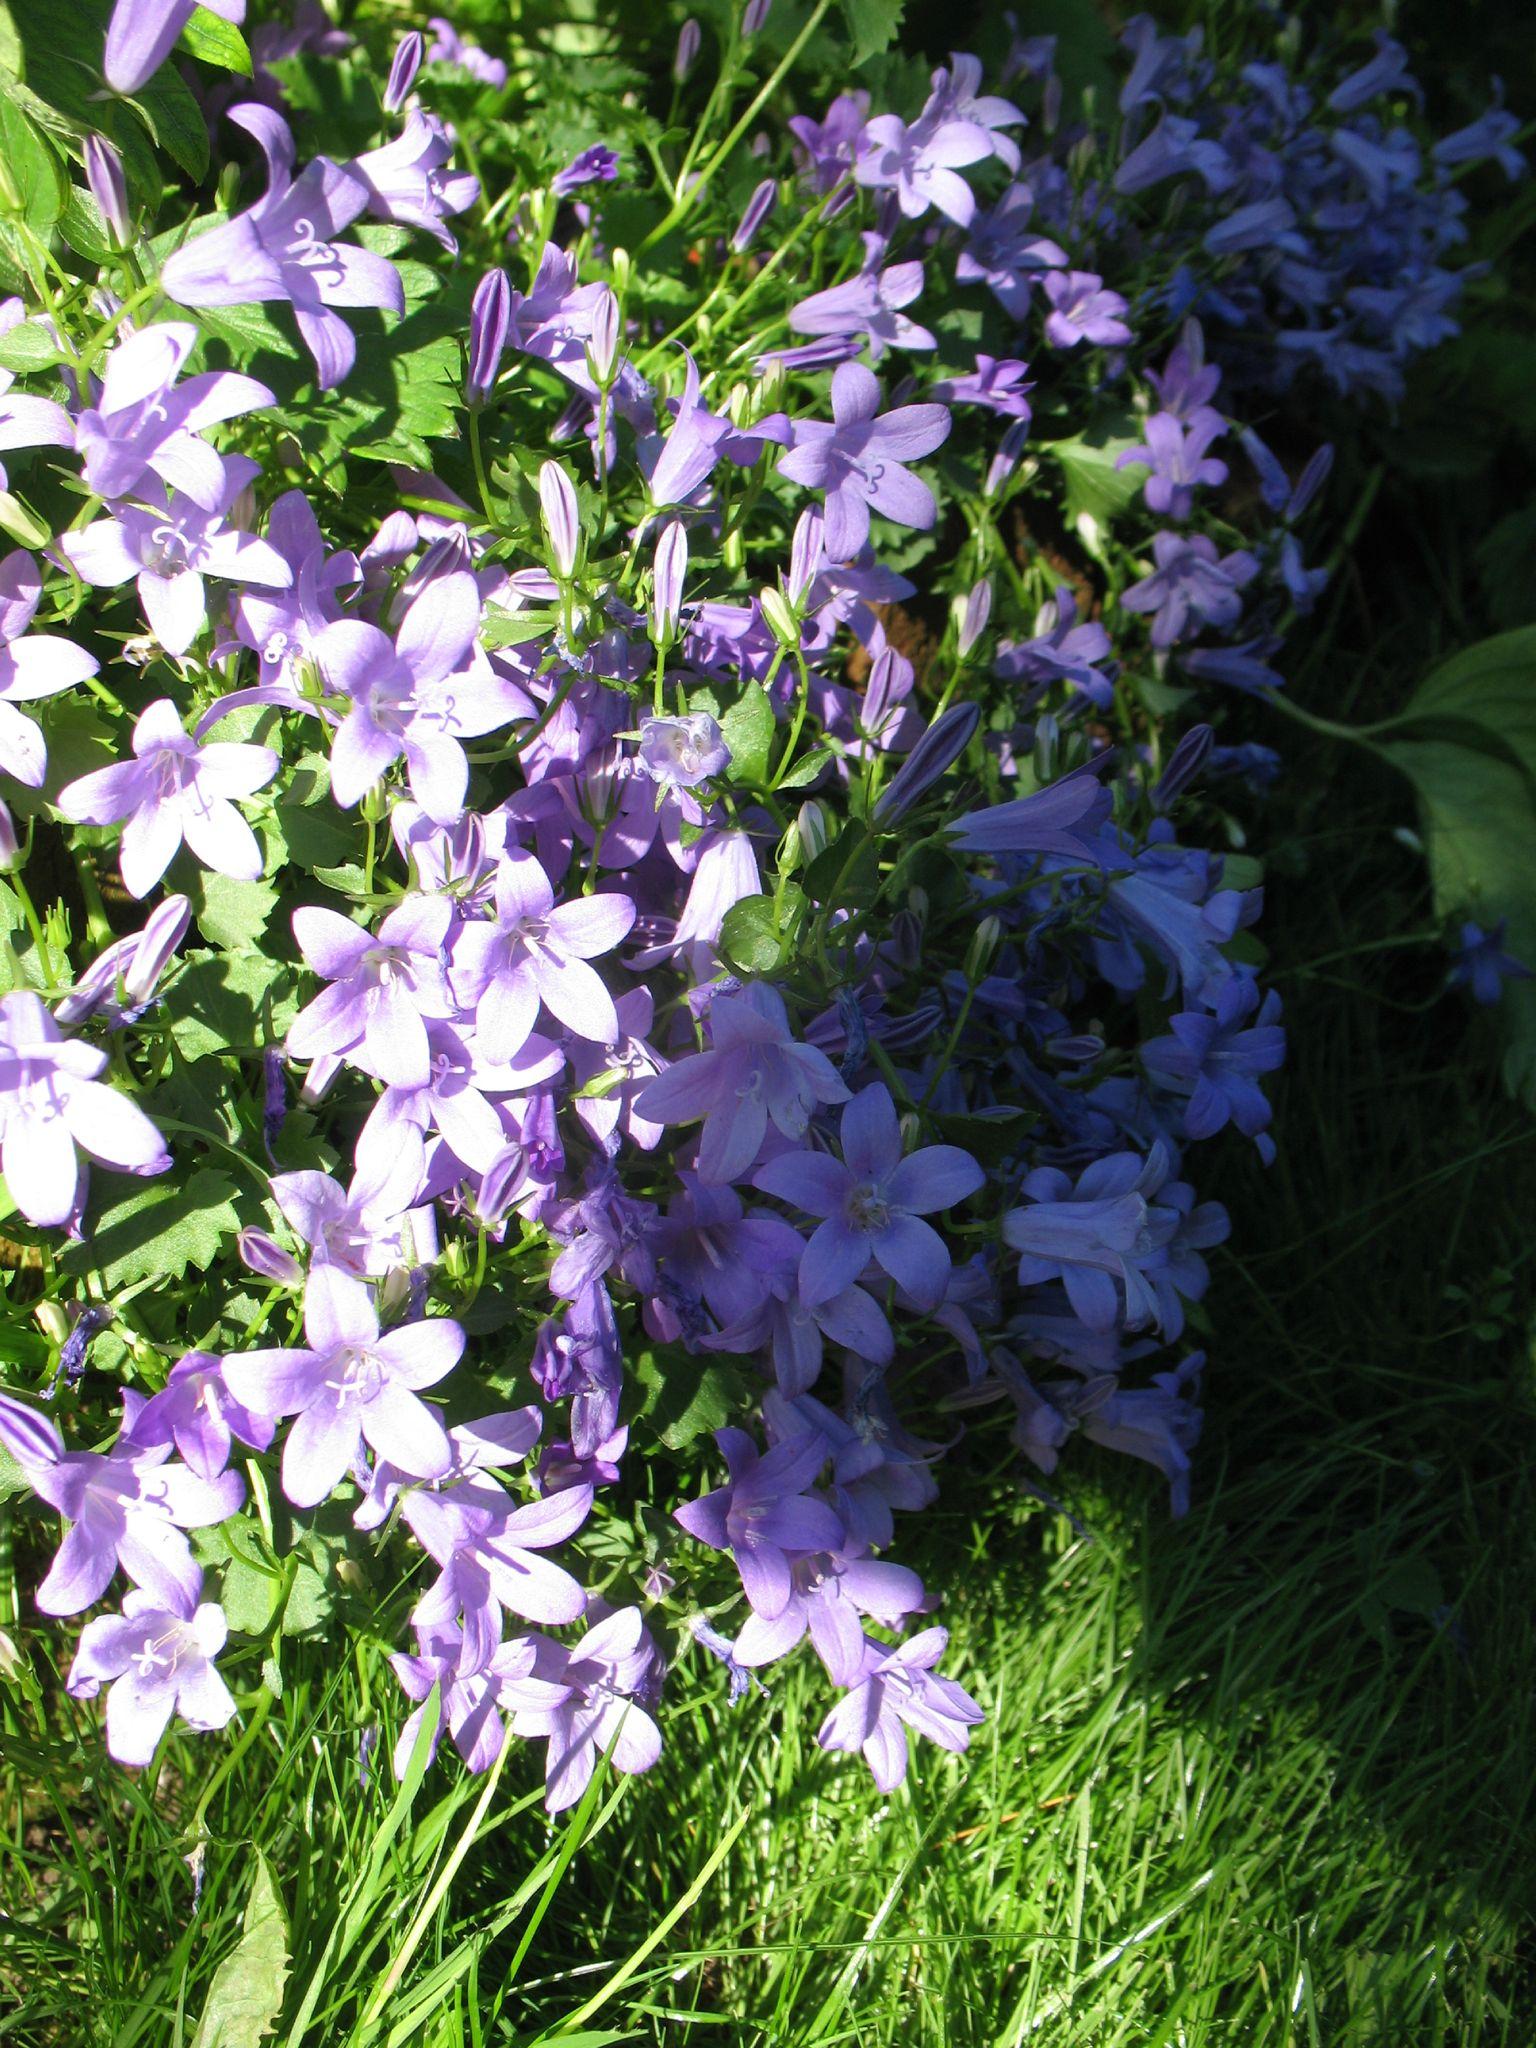 Fleurs mauves : fleurs de printemps - Brin et brindille : atelier saisonnier